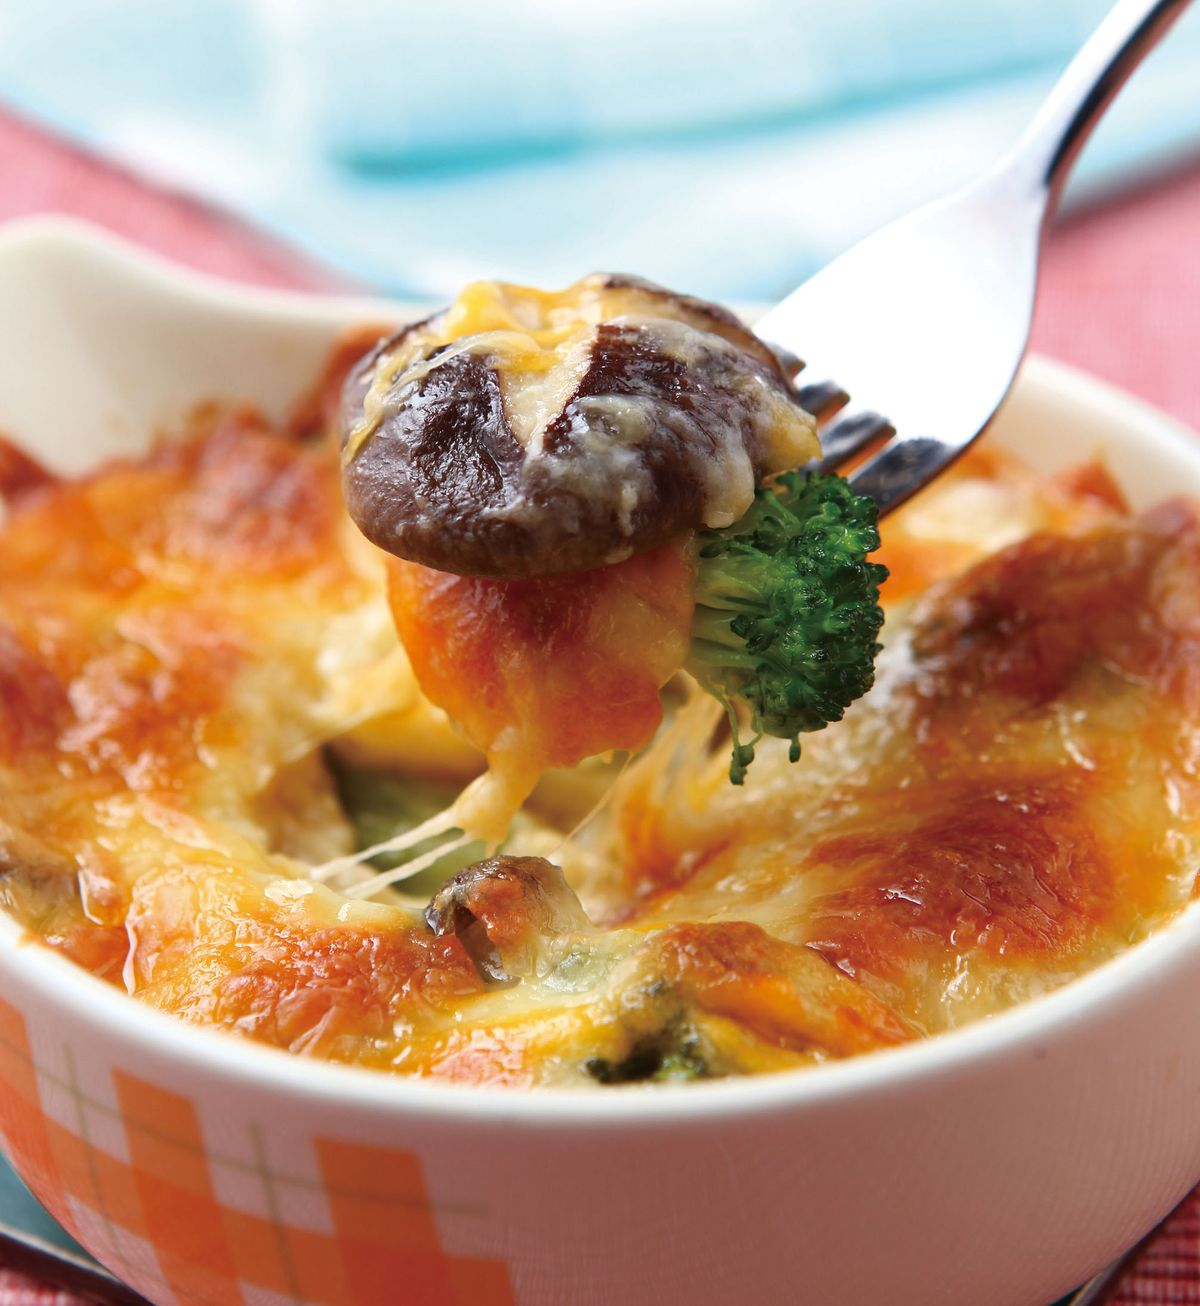 食譜:焗烤花椰鮮菇